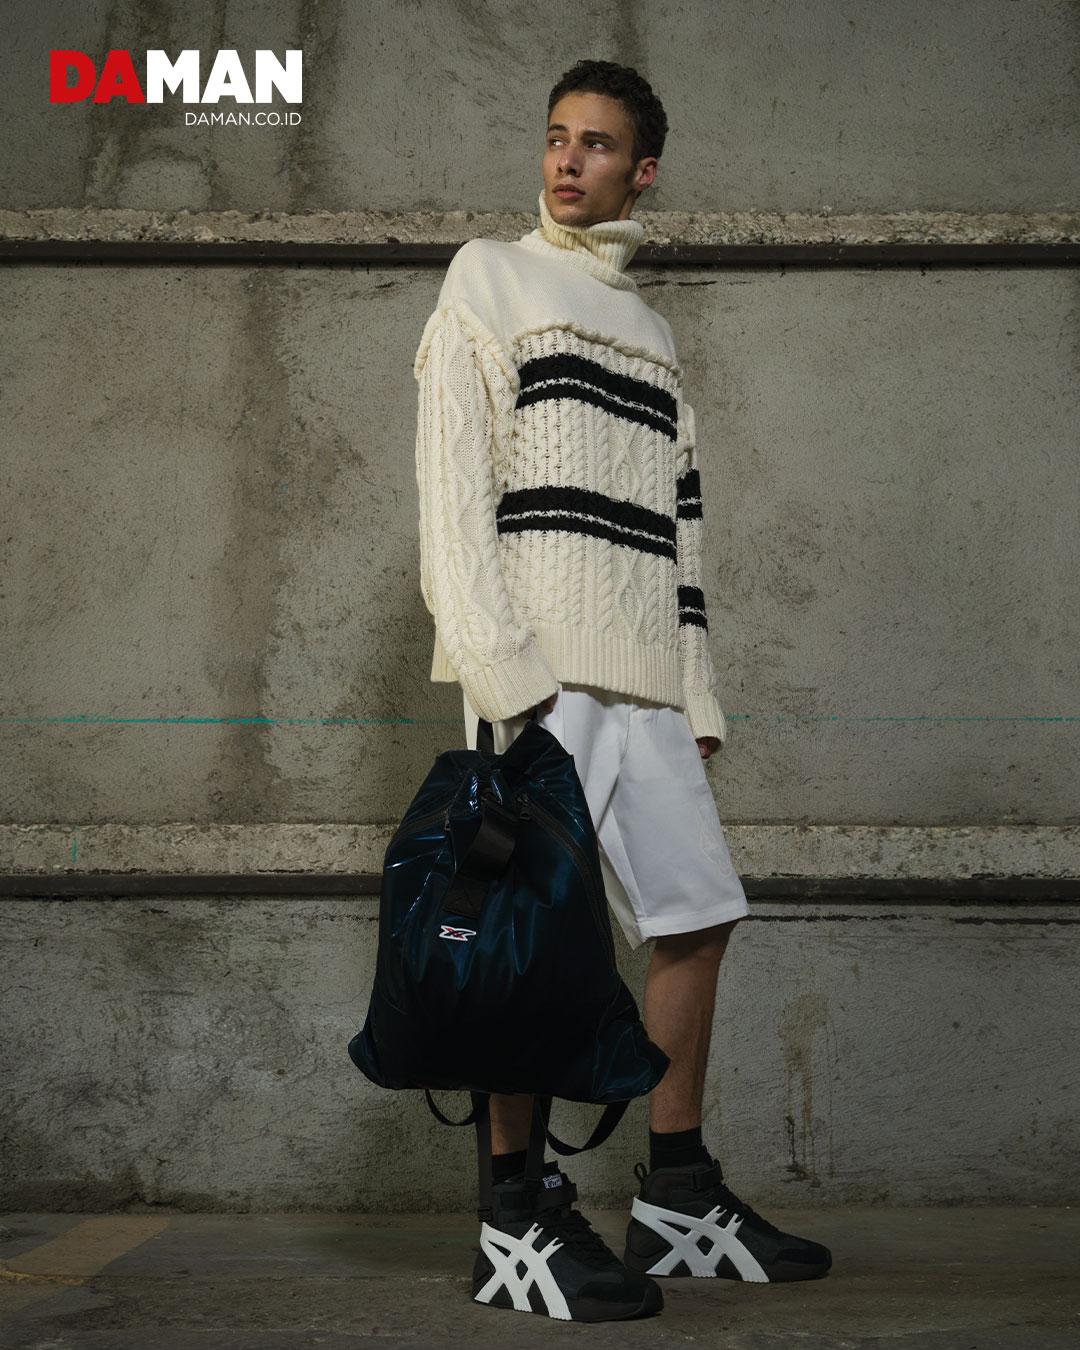 Knitted turtleneck pullover, shorts, backpack, socks, BiG LOGO TrAiner 2.0 mT